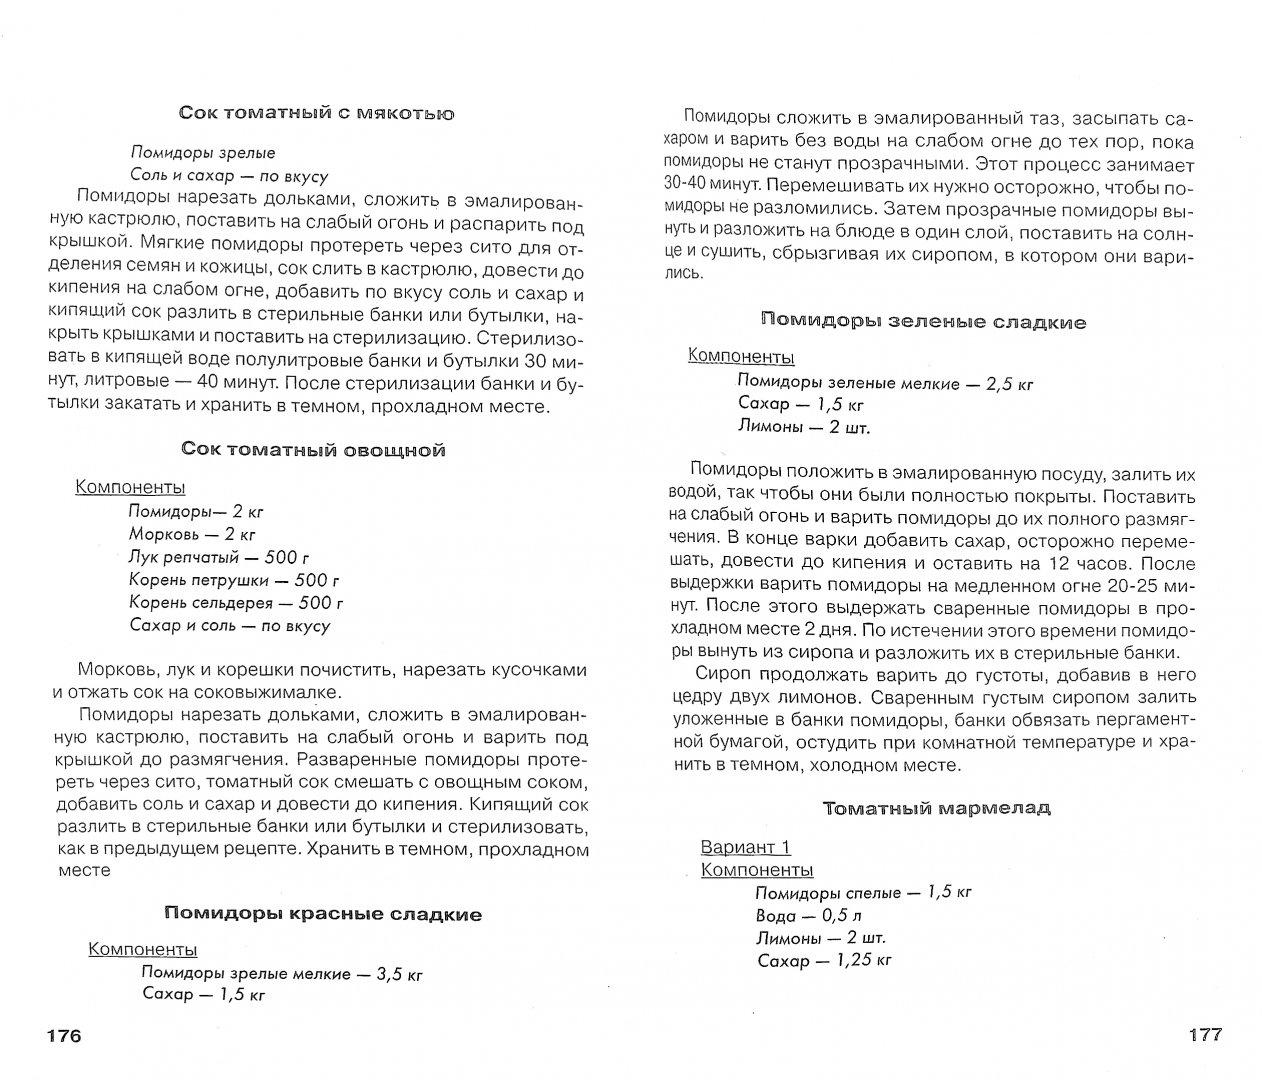 Иллюстрация 1 из 5 для Домашнее консервирование - Л. Калугина | Лабиринт - книги. Источник: Лабиринт